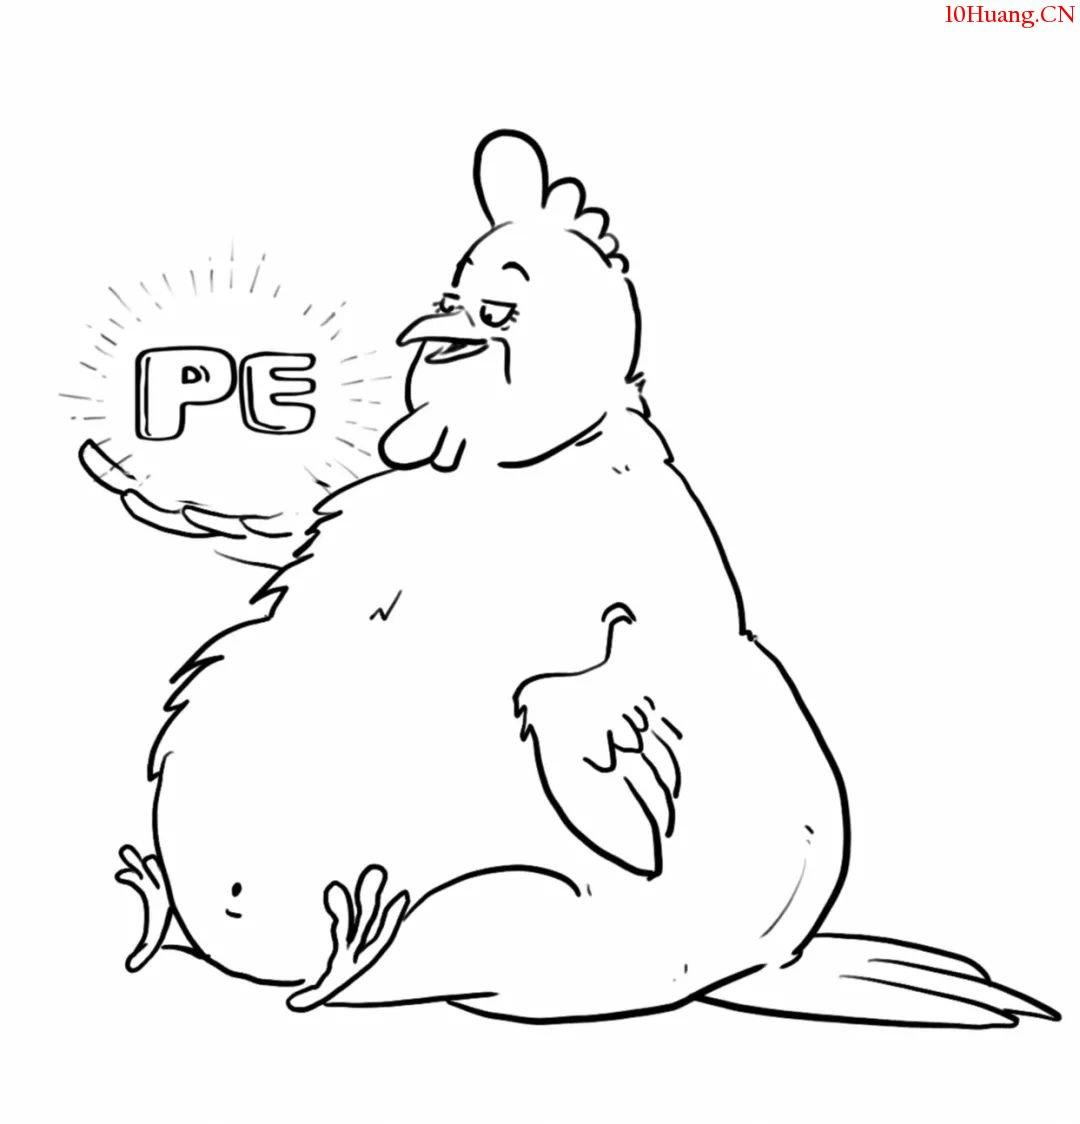 PEG估值方法:轻轻松松算出估值~(漫画图解),拾荒网